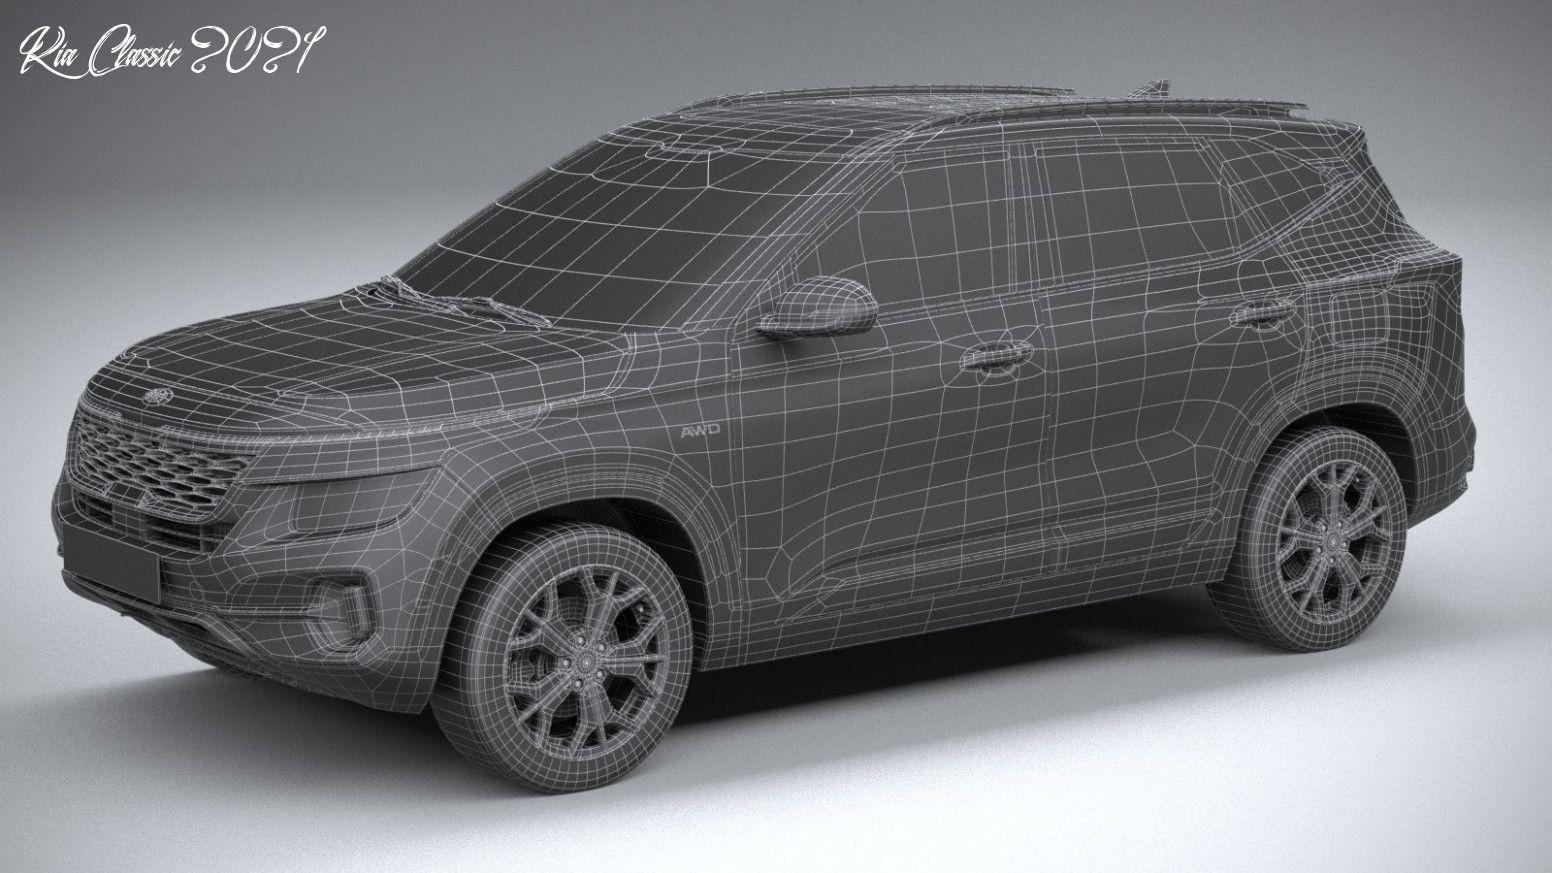 Kia Classic 2021 Release In 2020 Kia Classic Toy Car